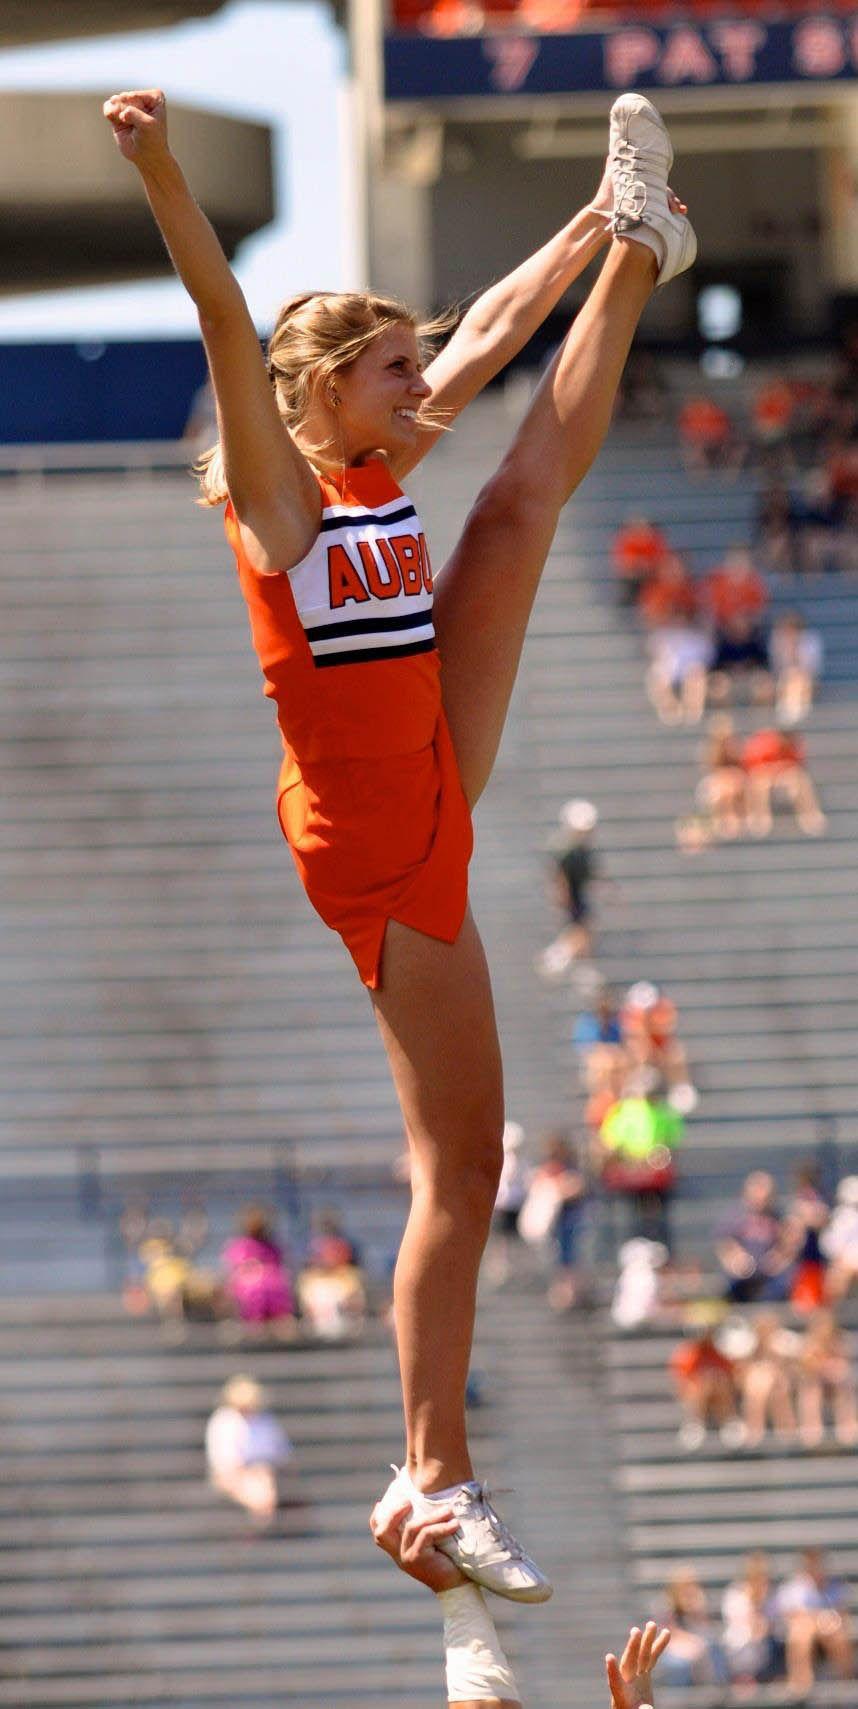 Auburn Cheerleader 2012